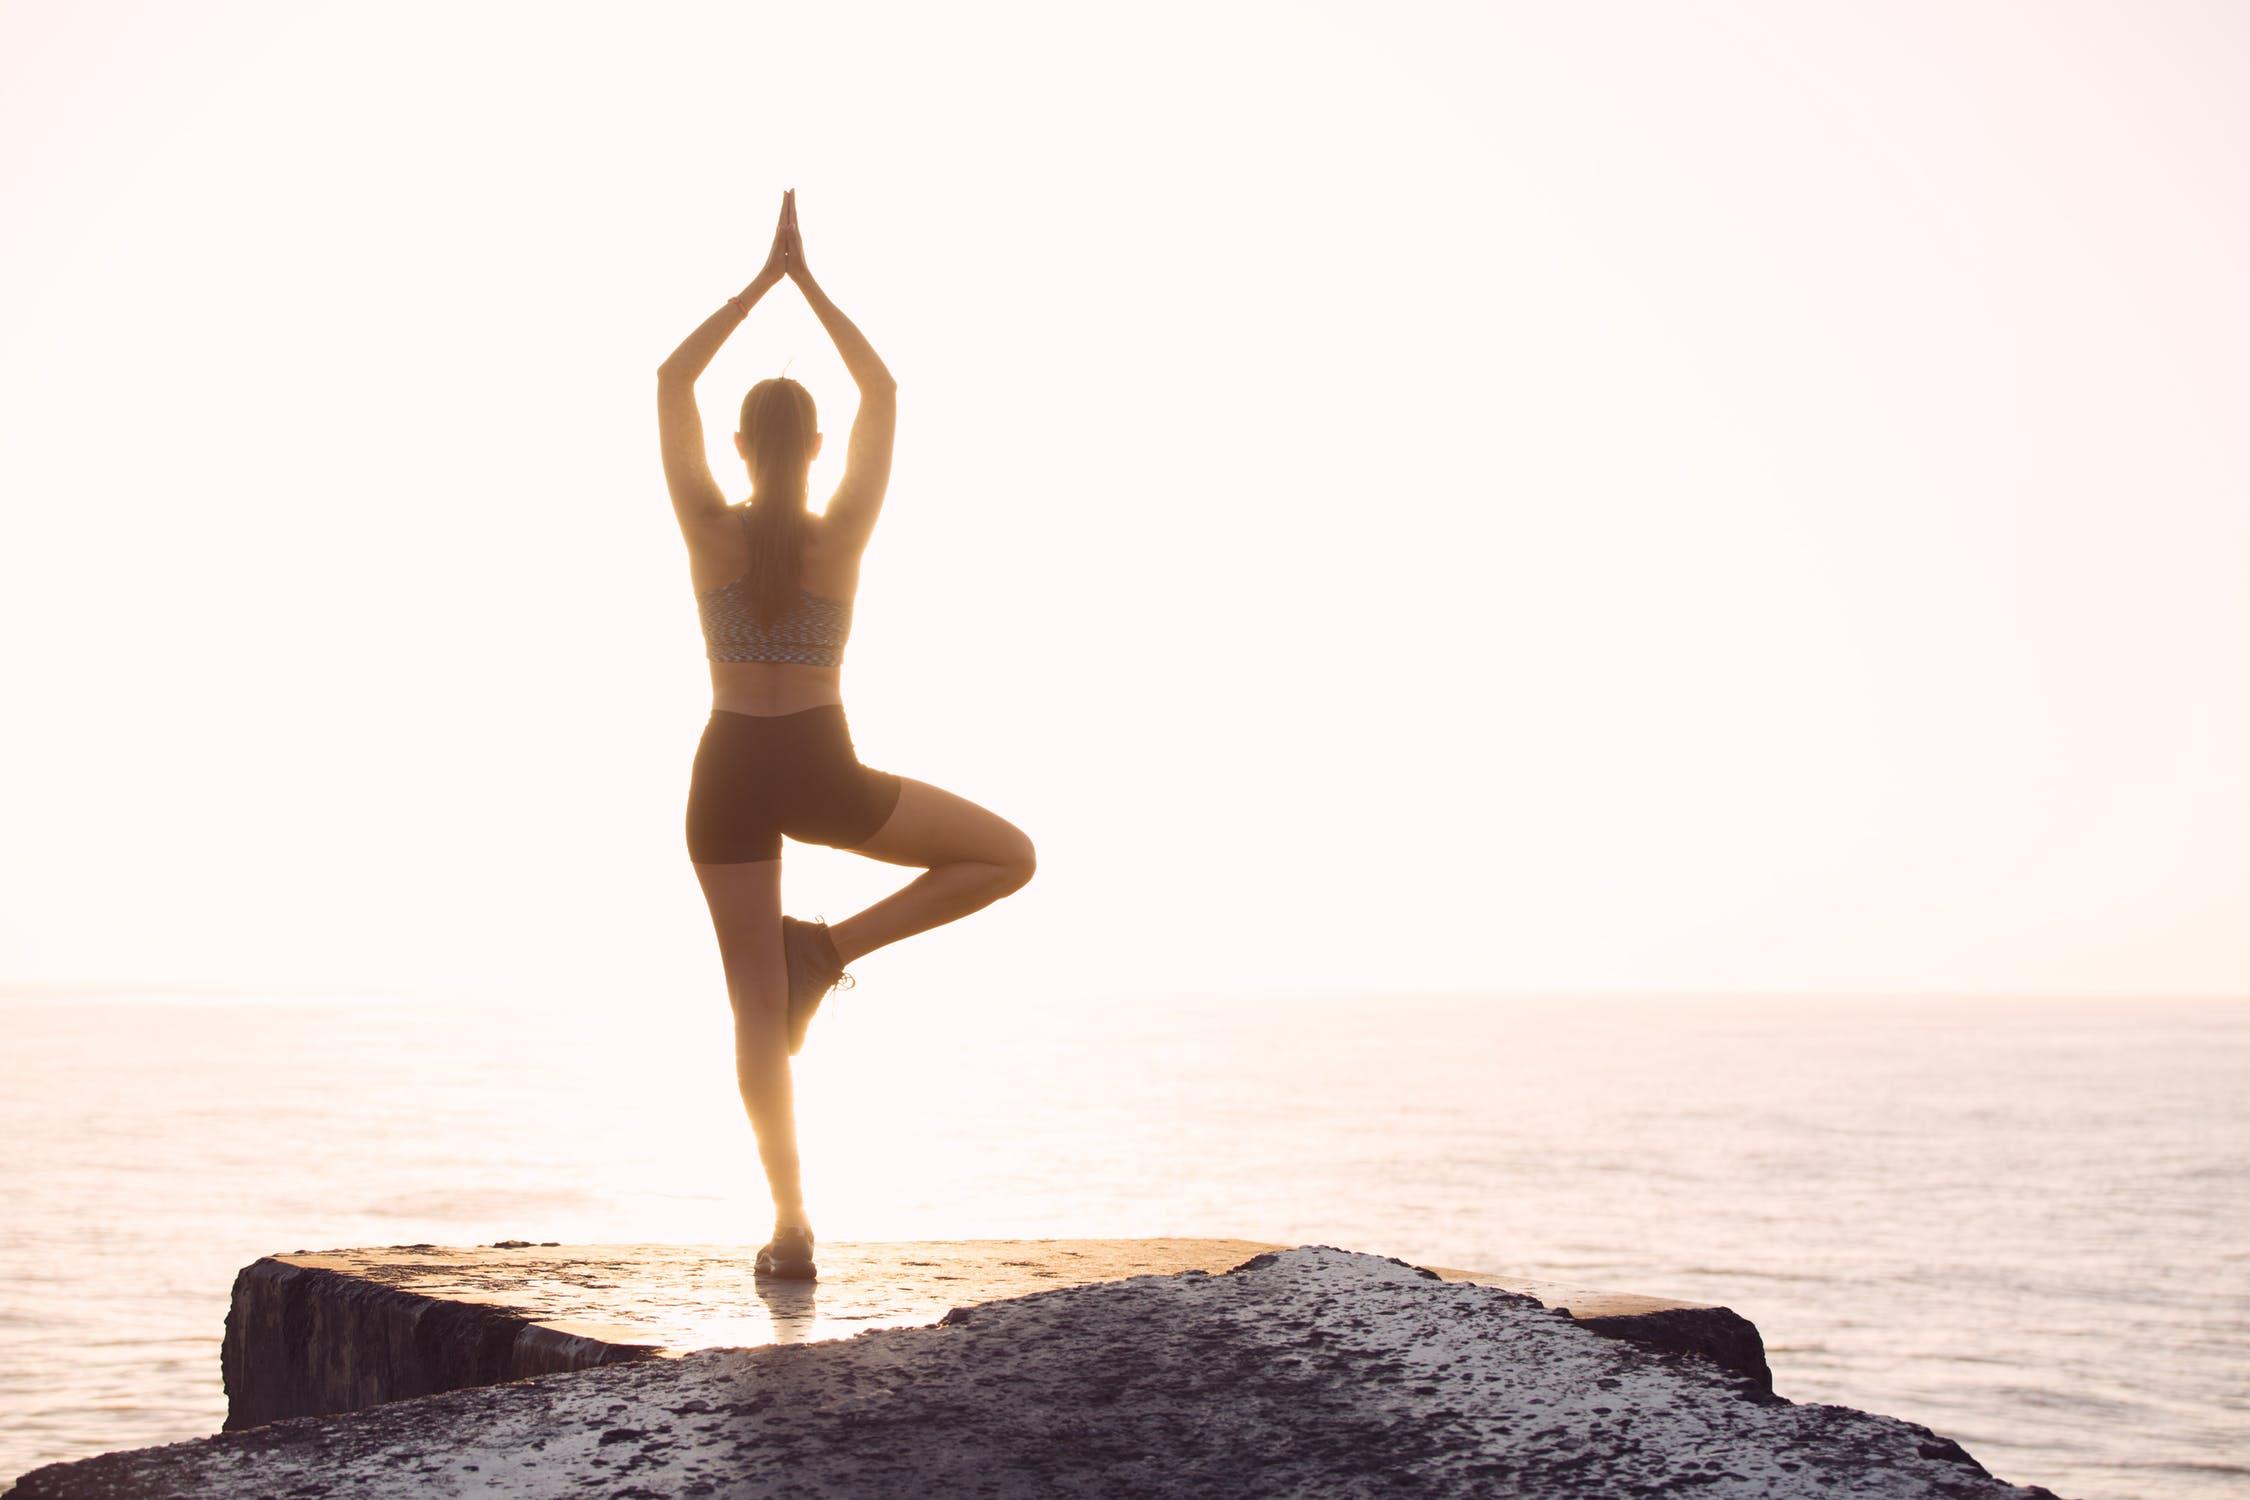 7月12日(金)「日々のストレスを軽くするちょっとした秘訣②~瞑想~」@沖縄市